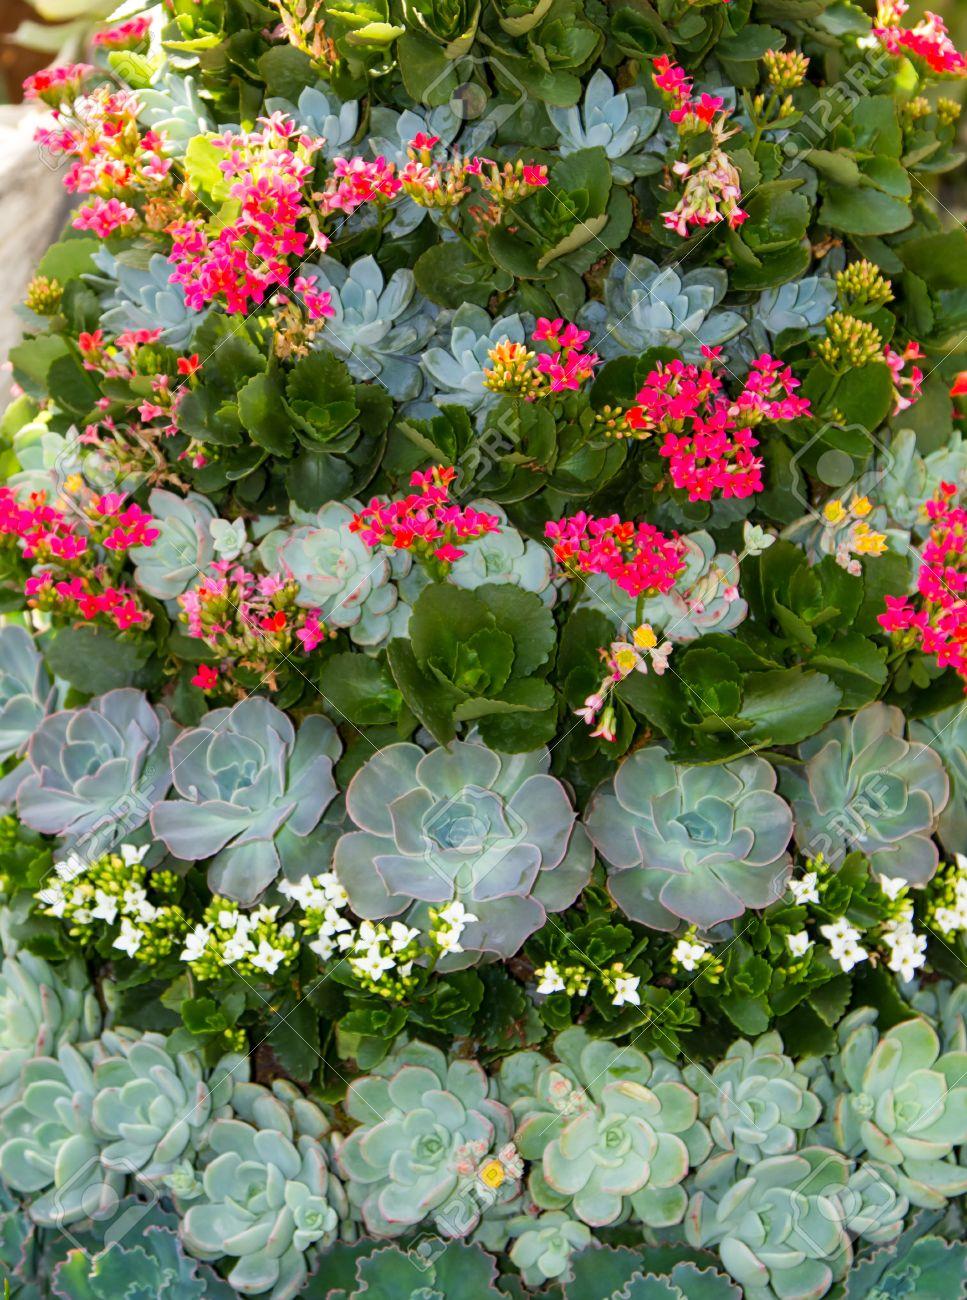 Una Buena Disposicion De Una Variedad De Plantas Suculentas En